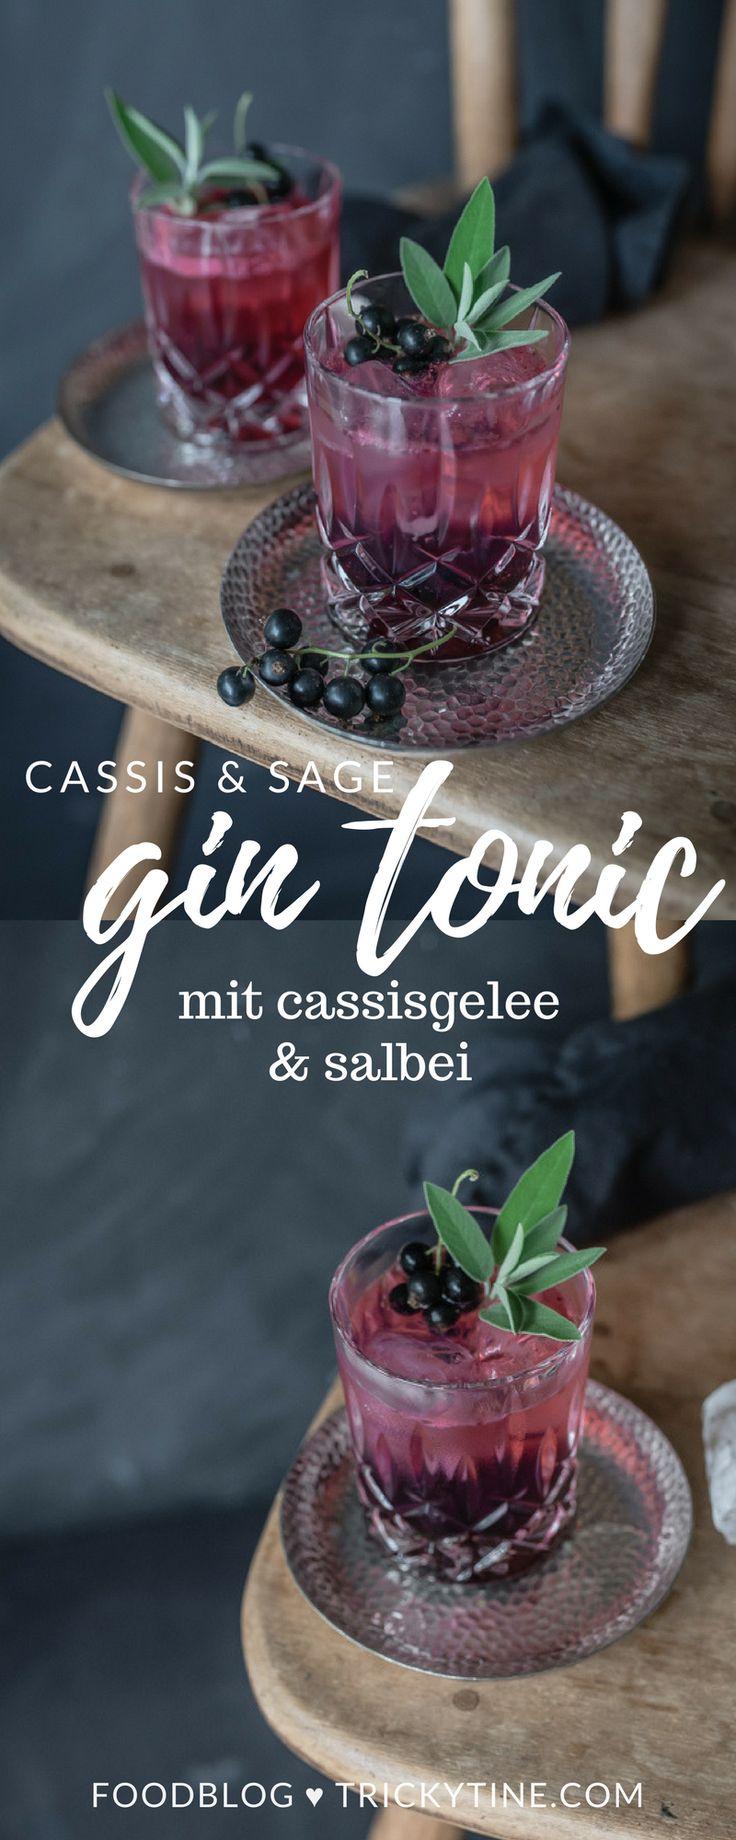 gin tonic mit cassisgelee und salbei ♥ trickytine.com #gin #mixology #trickytine #silvester #drinks #gintonic